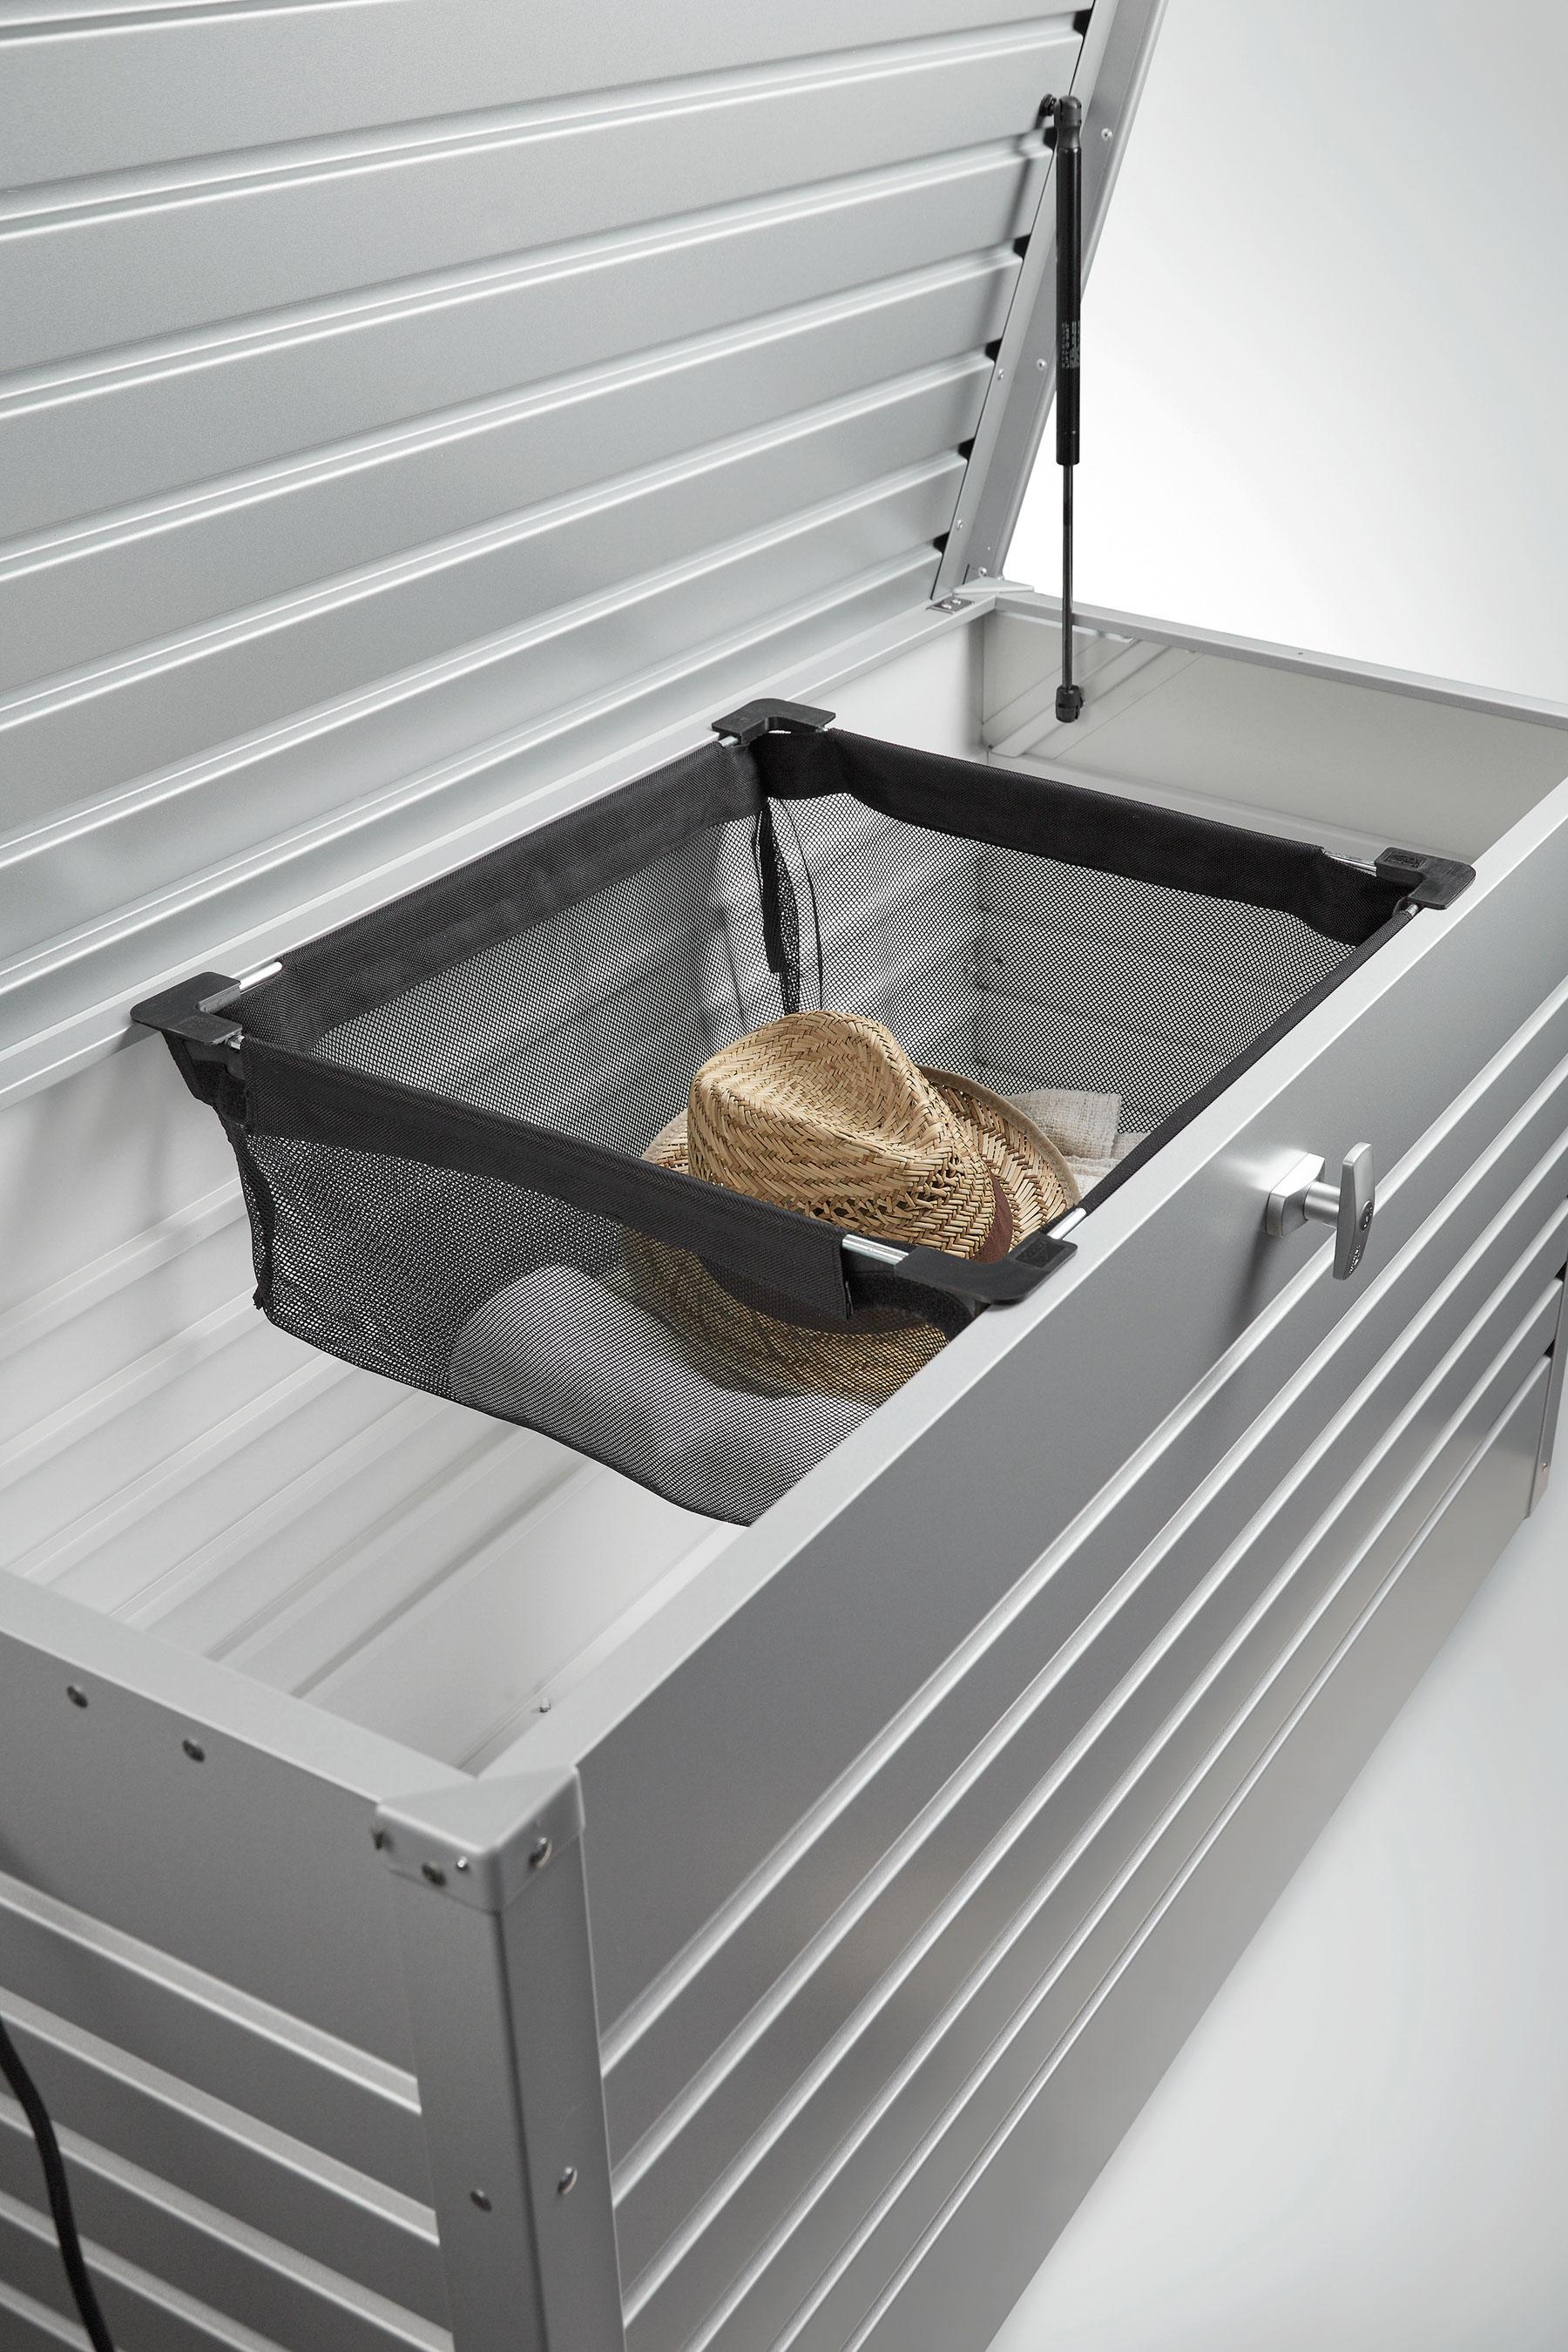 Einhängesack Typ C für Biohort Freizeitbox 160/180 schw. 68,5x67x20cm Bild 1